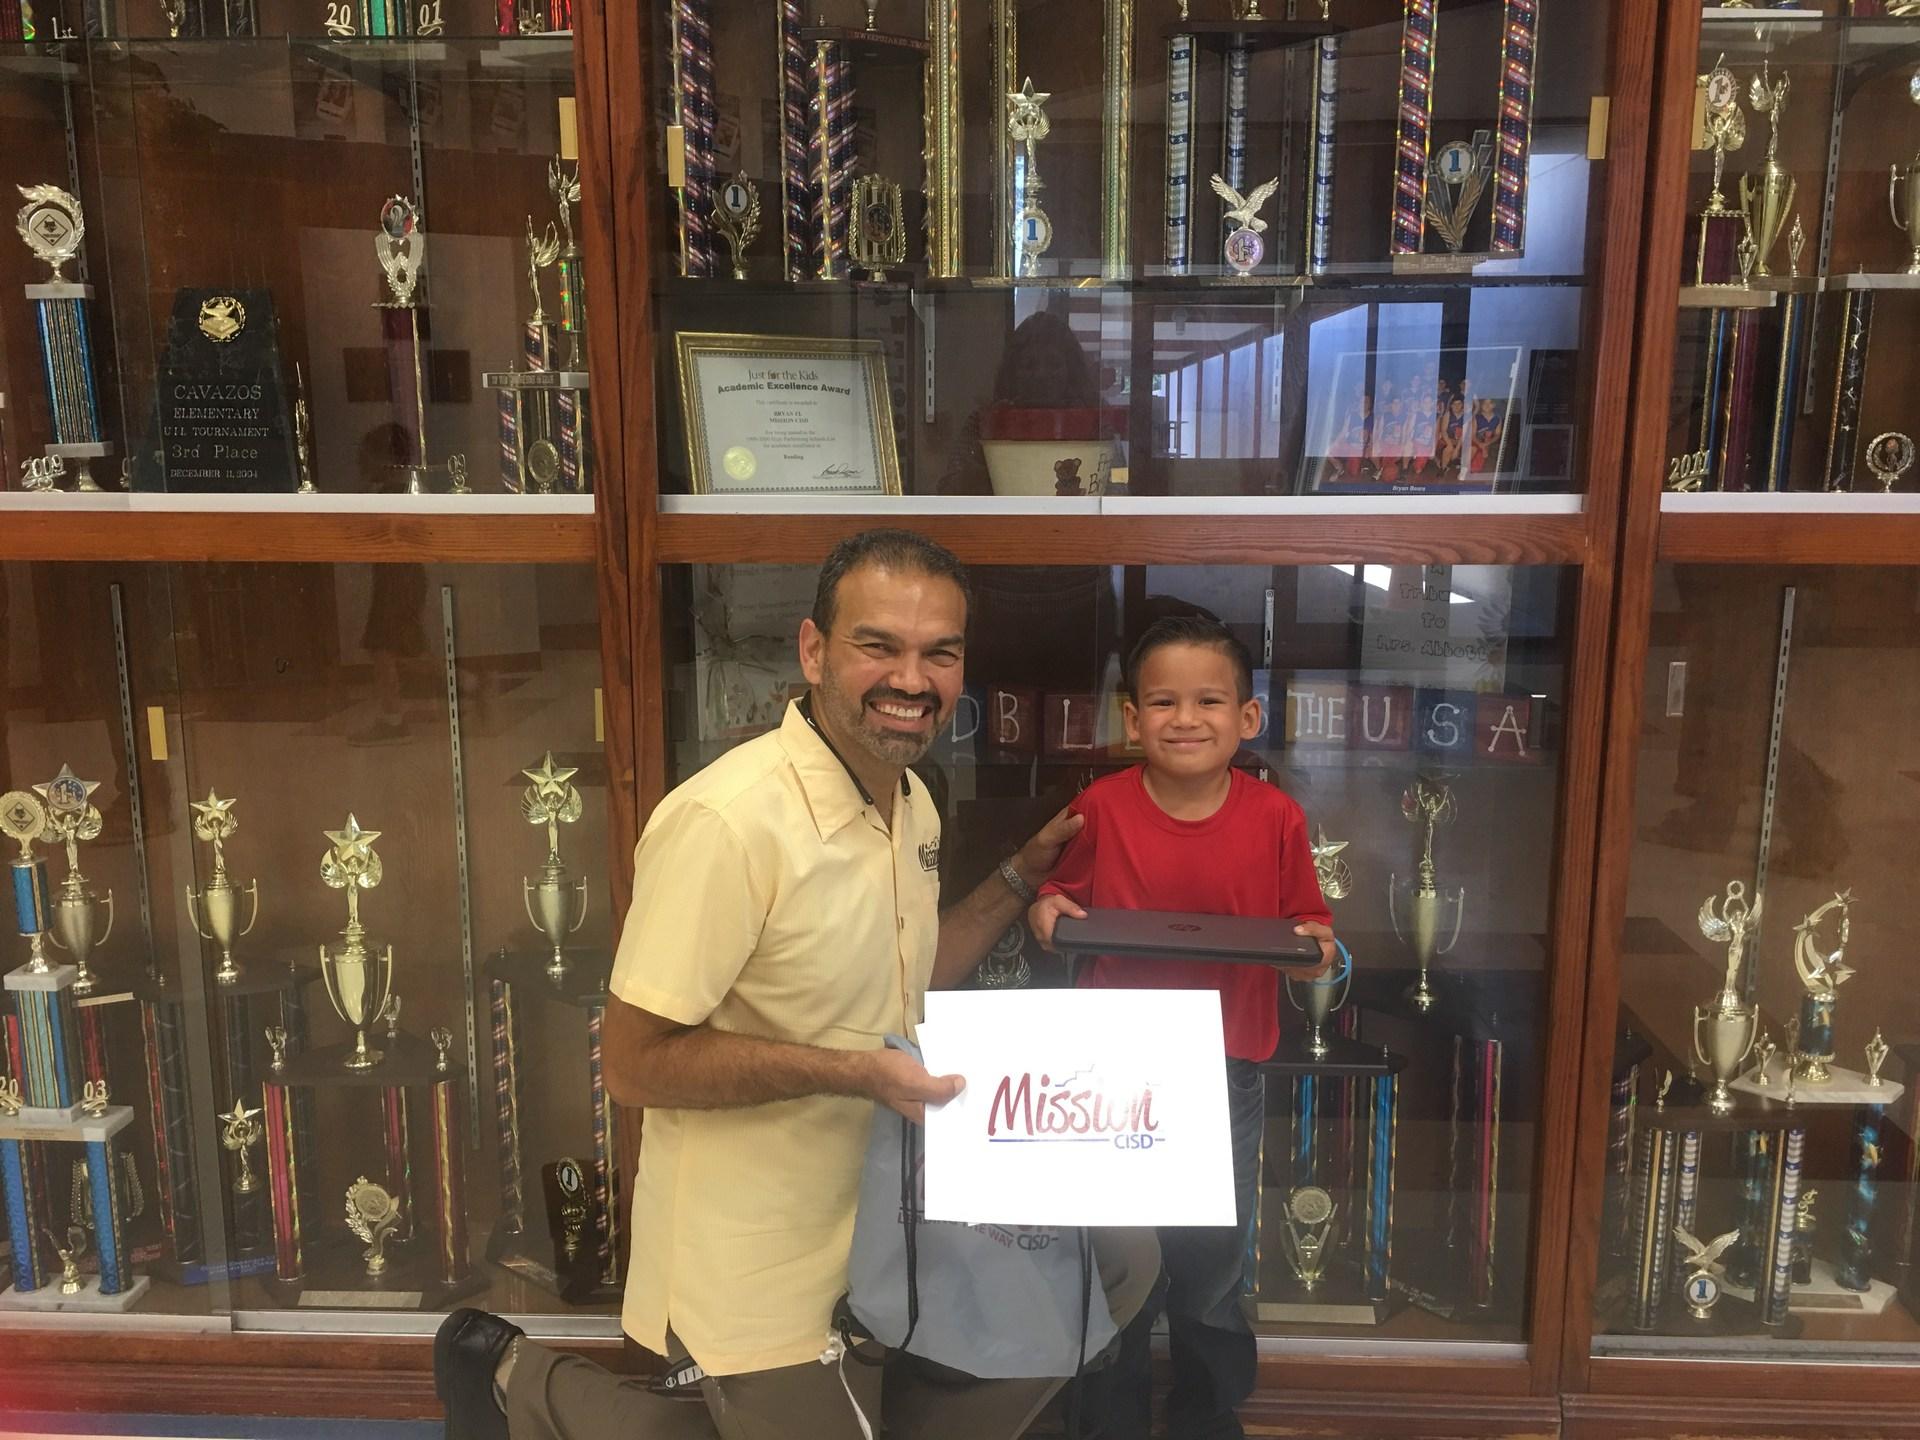 Ganador del Chromebook at Cavazos Elementary!